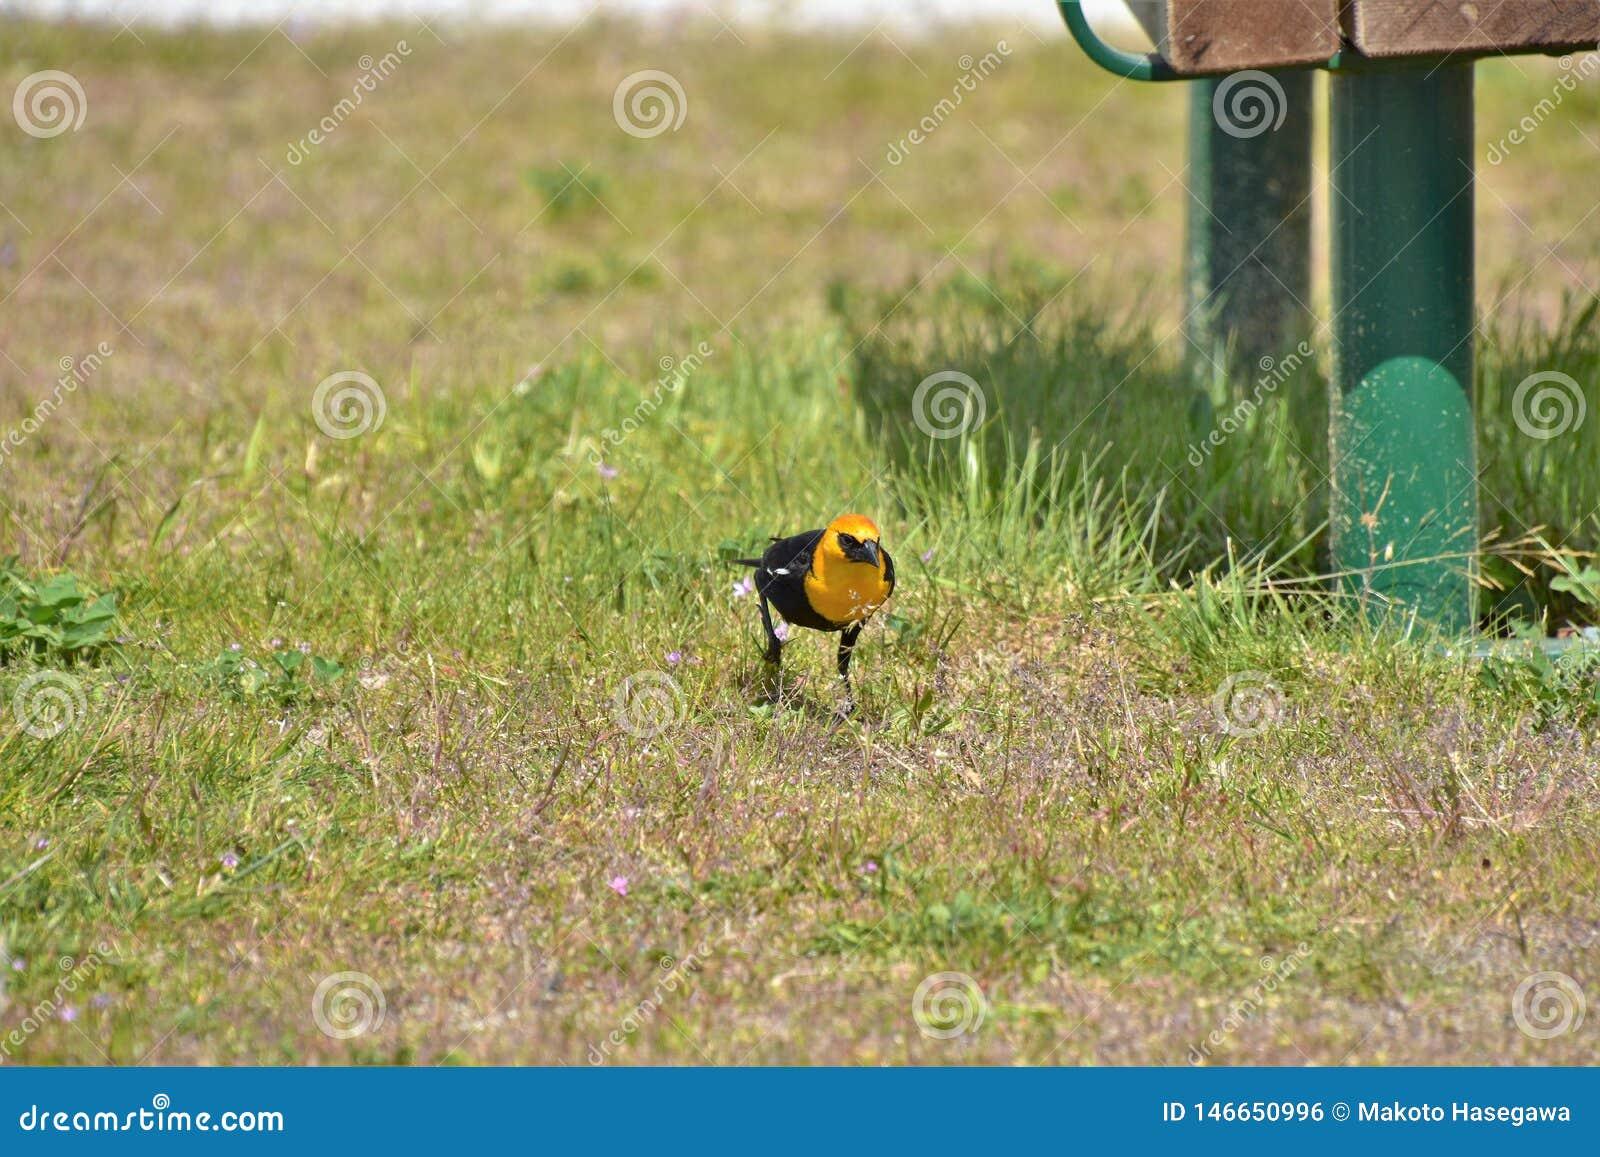 O melro Amarelo-dirigido está empoleirando-se na terra